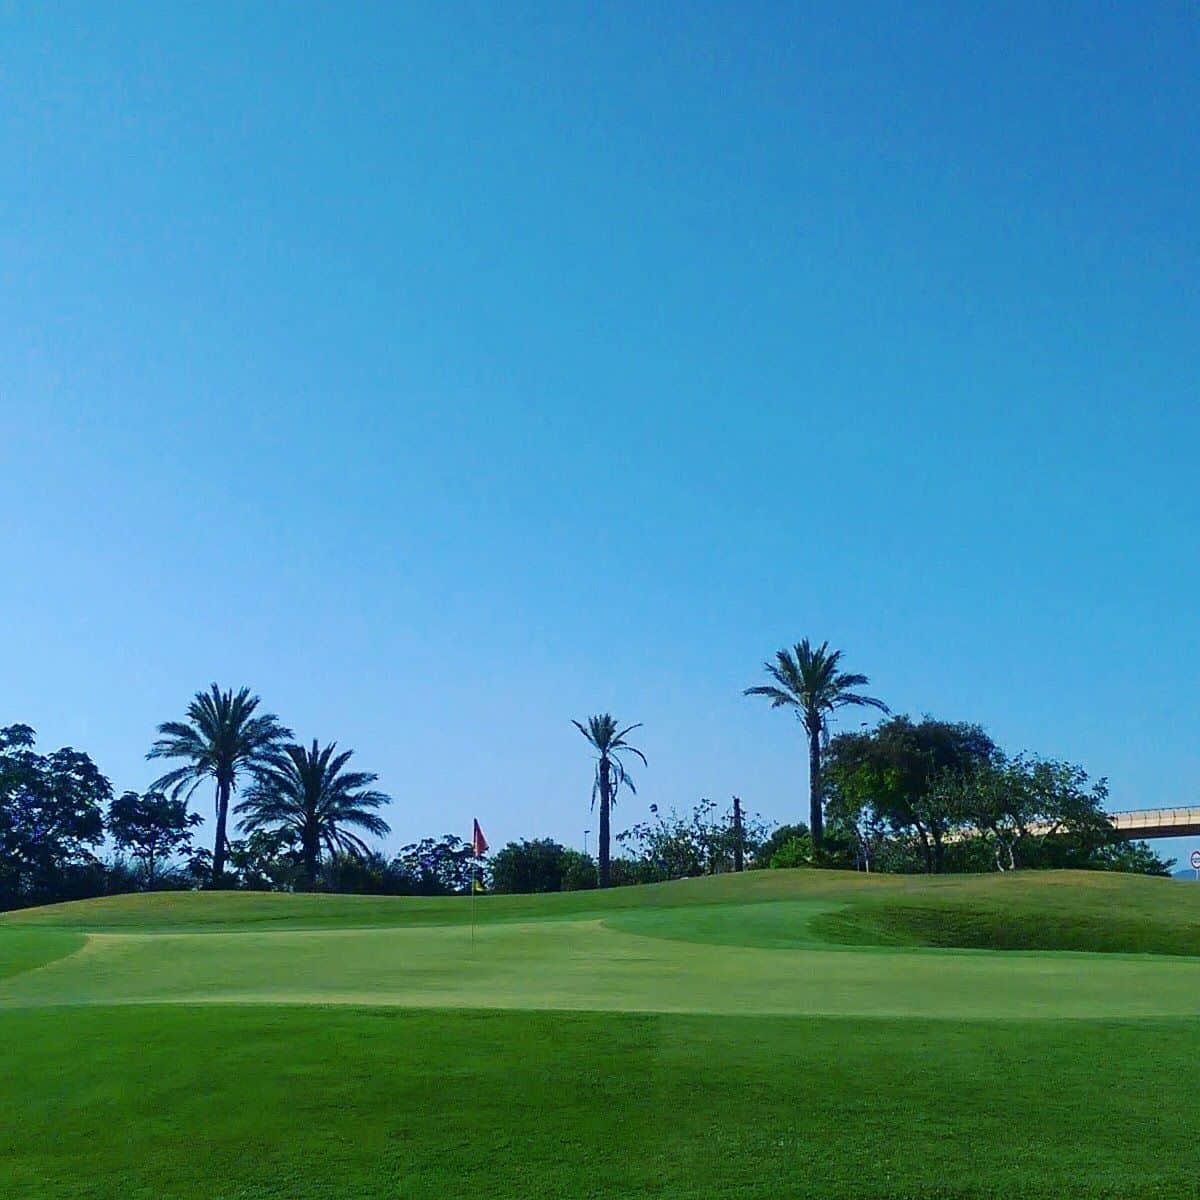 Roda Golf, 8ème green, à deux niveaux, avec bunkers sur les côtés droite et gauche